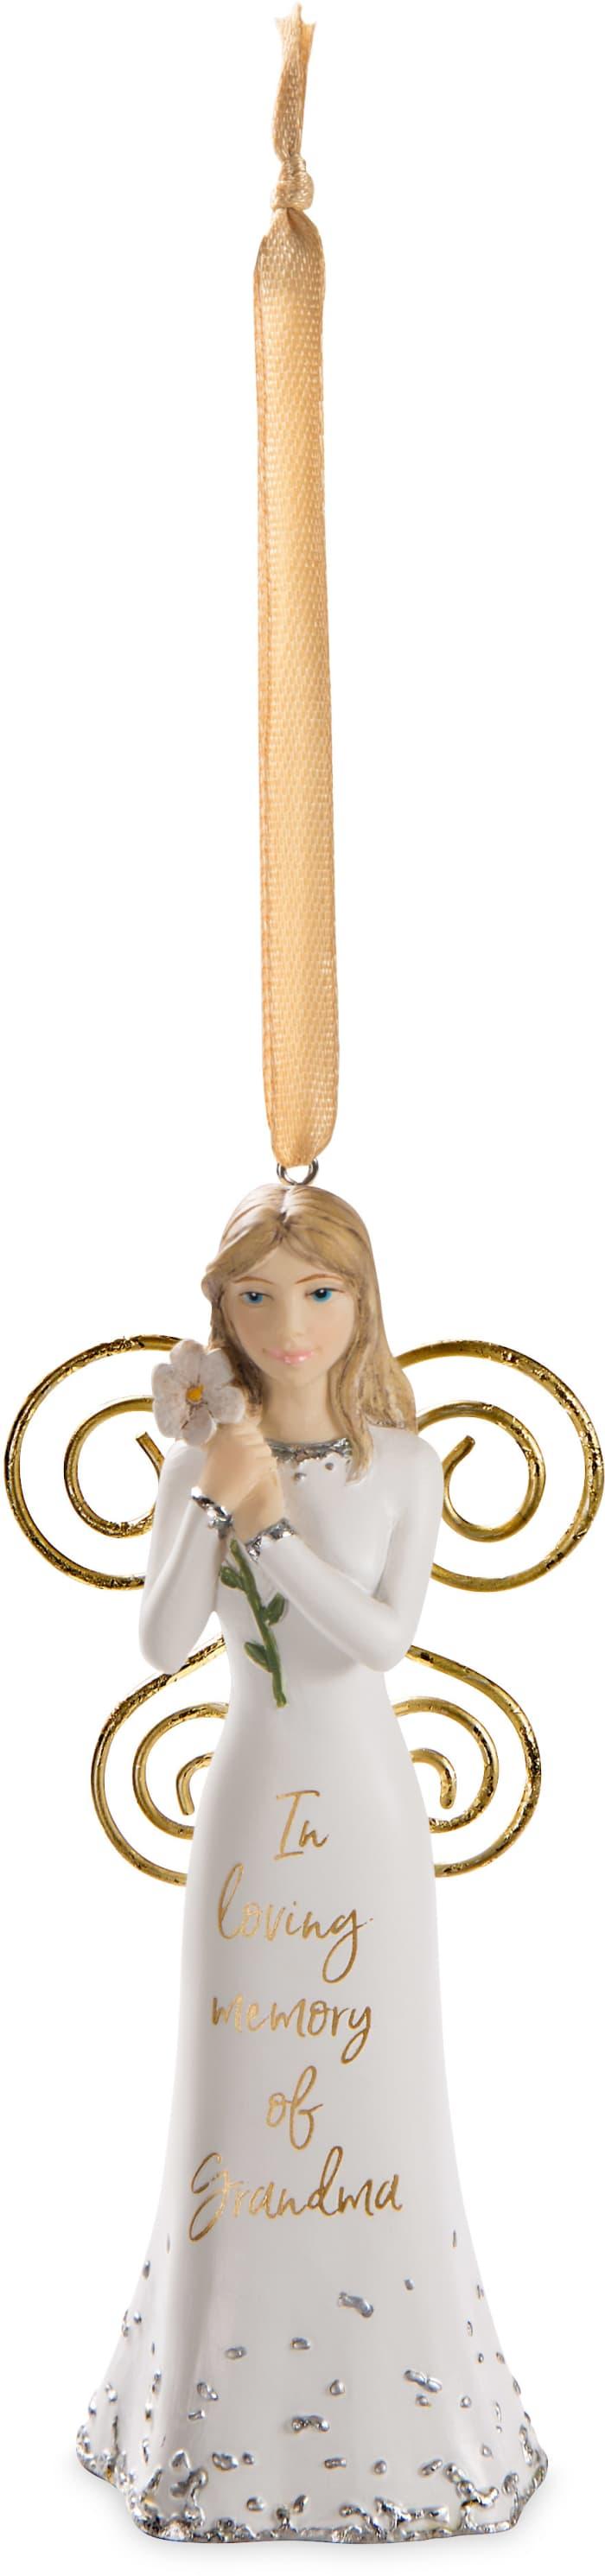 Grandma Memorial Angel Ornament